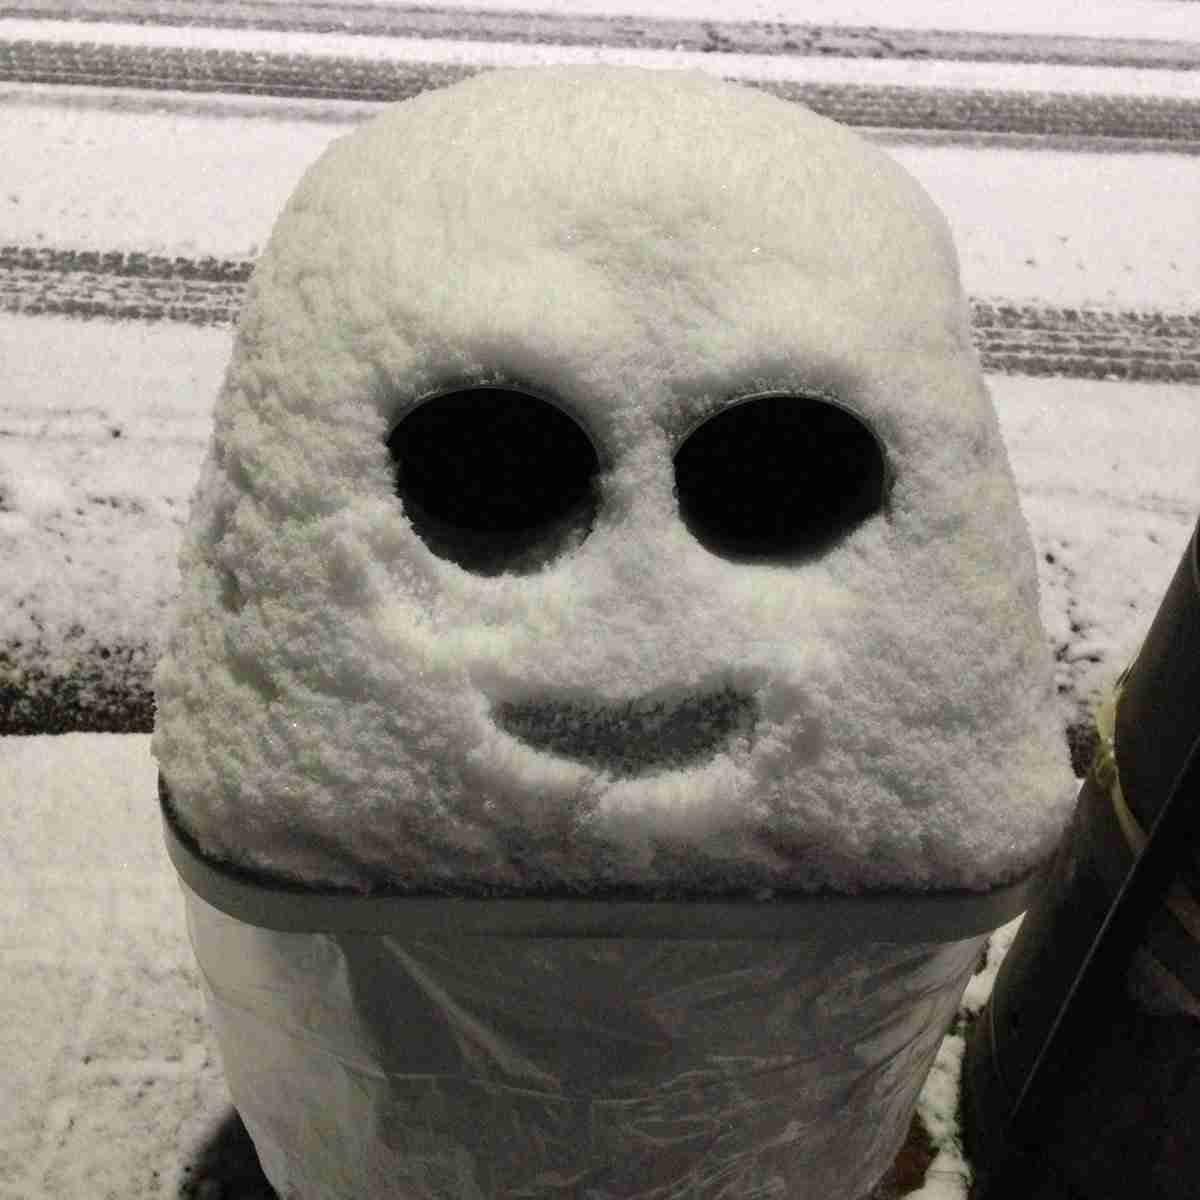 雪が積もっただけで自販機に設置されているゴミ箱がキュートな姿に! 「メジェド様」「ベイマックス」みたいとの声